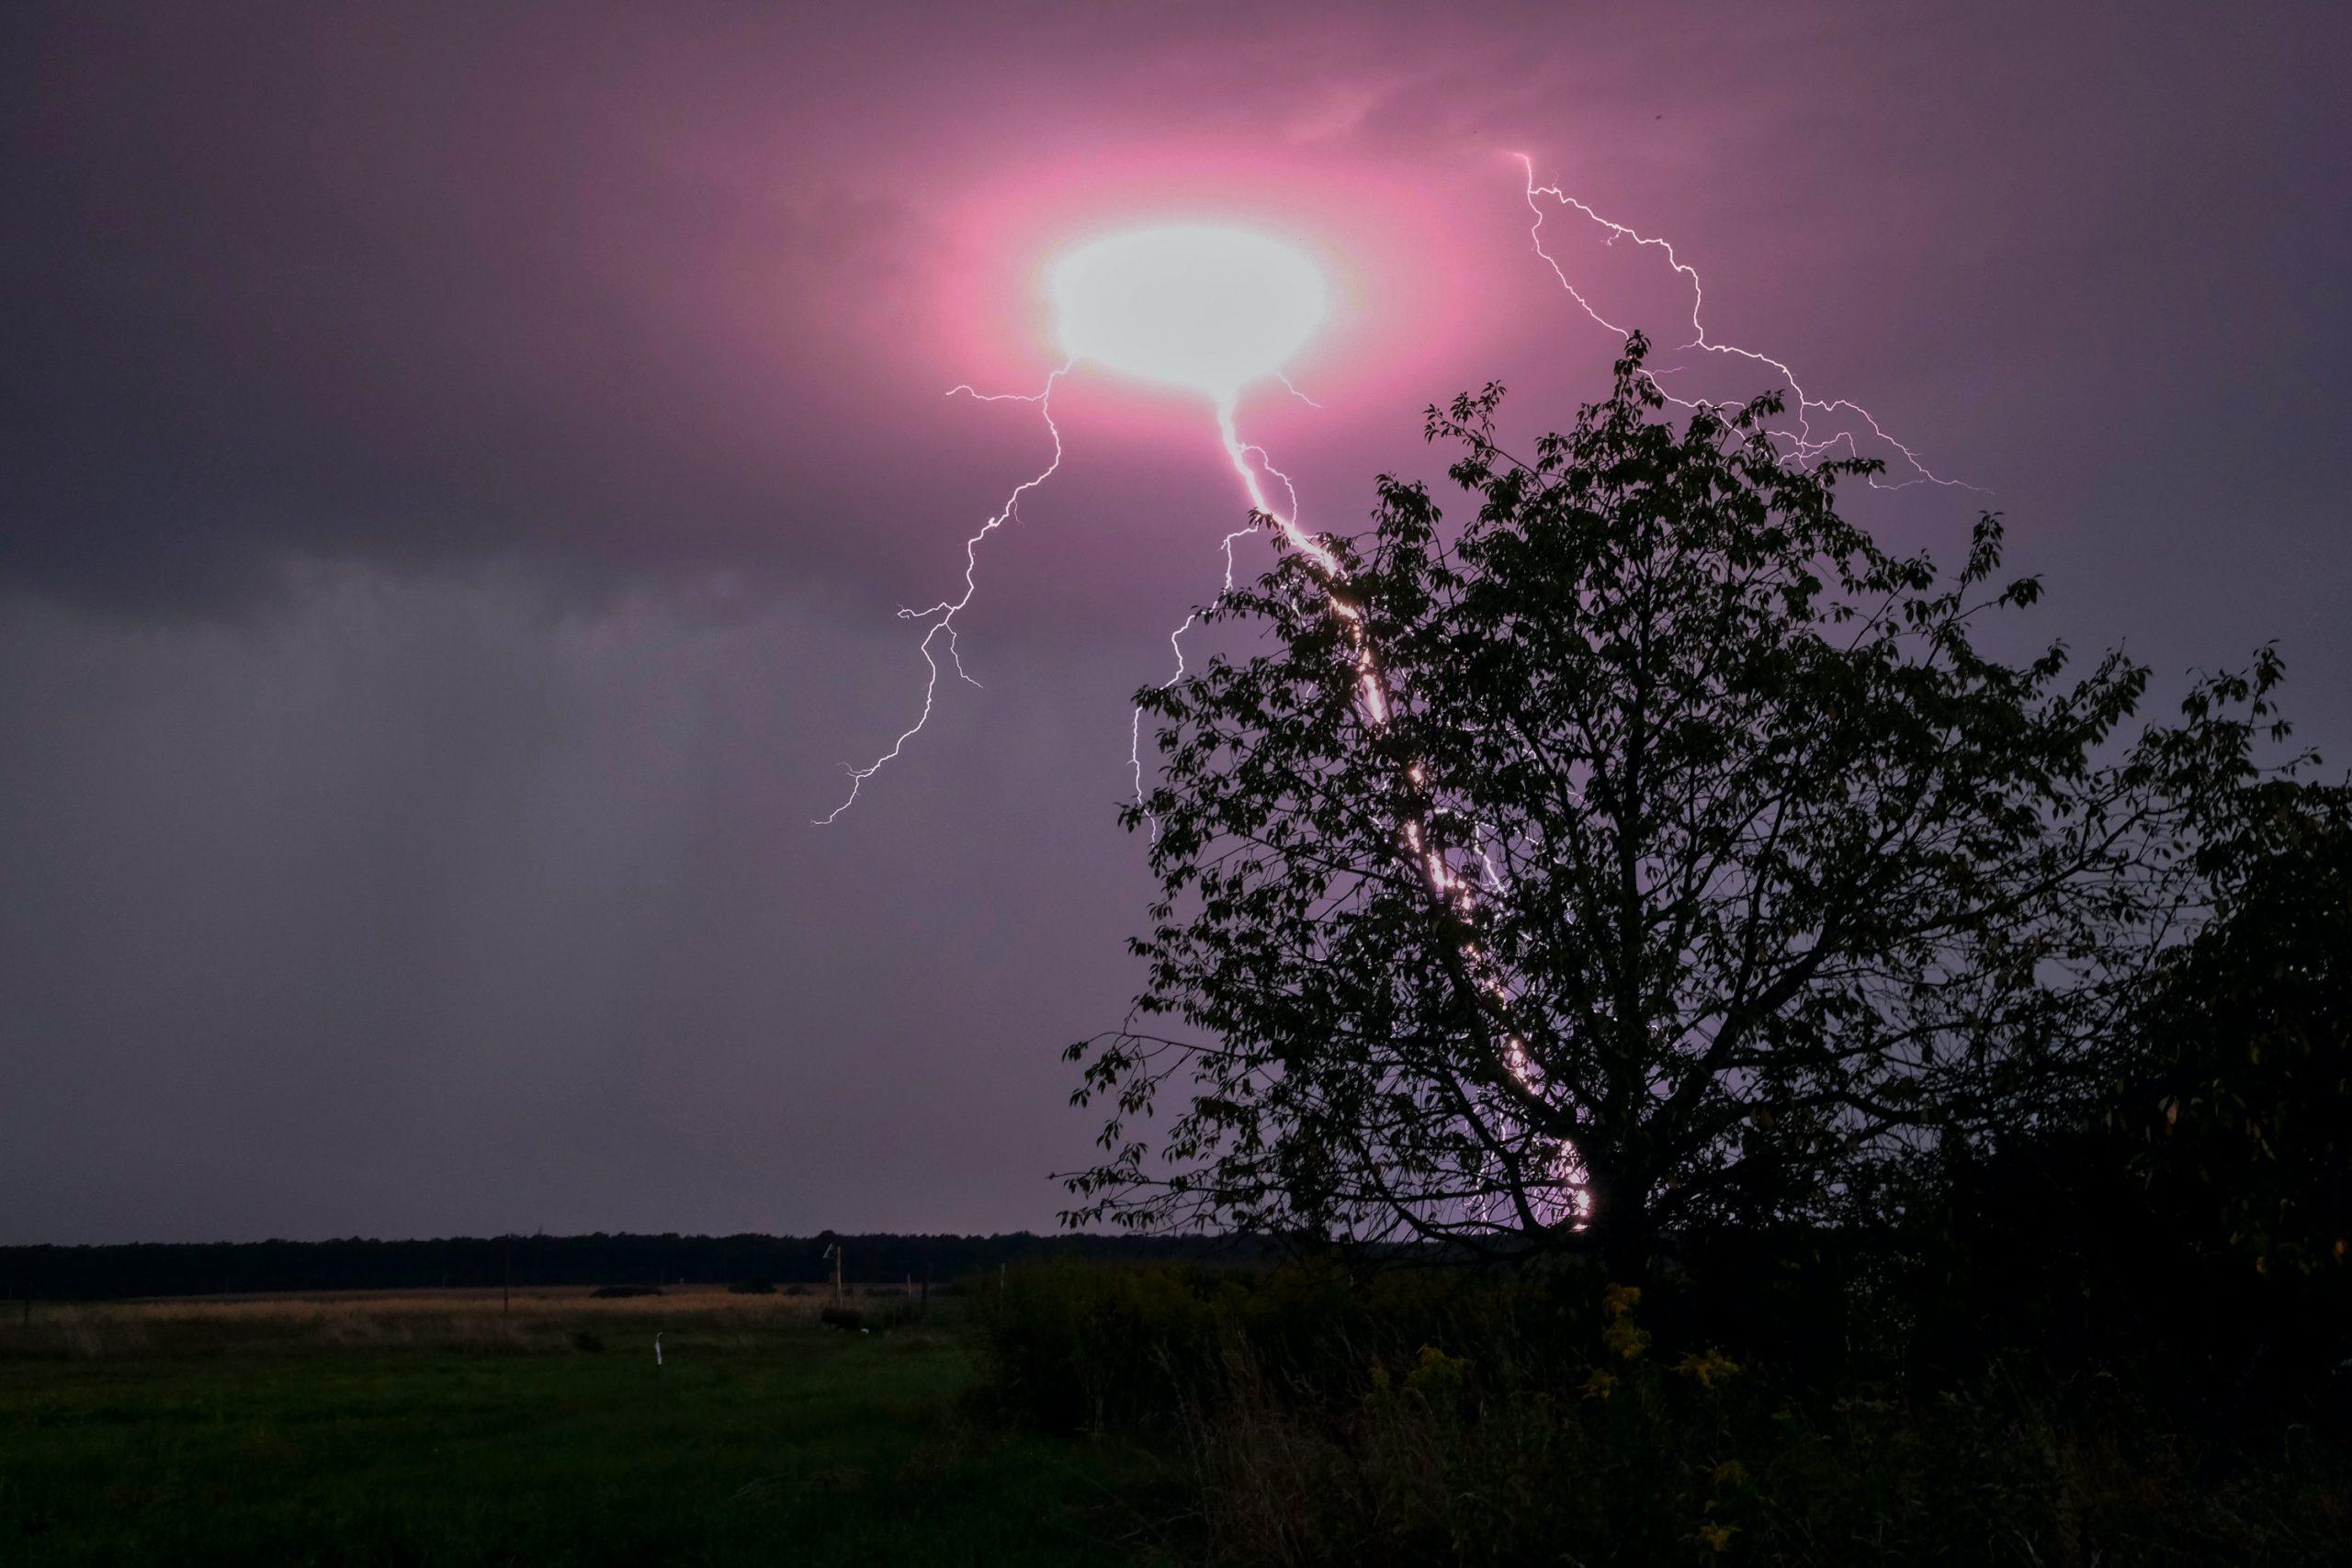 Grow, Grow the Lightning Tree